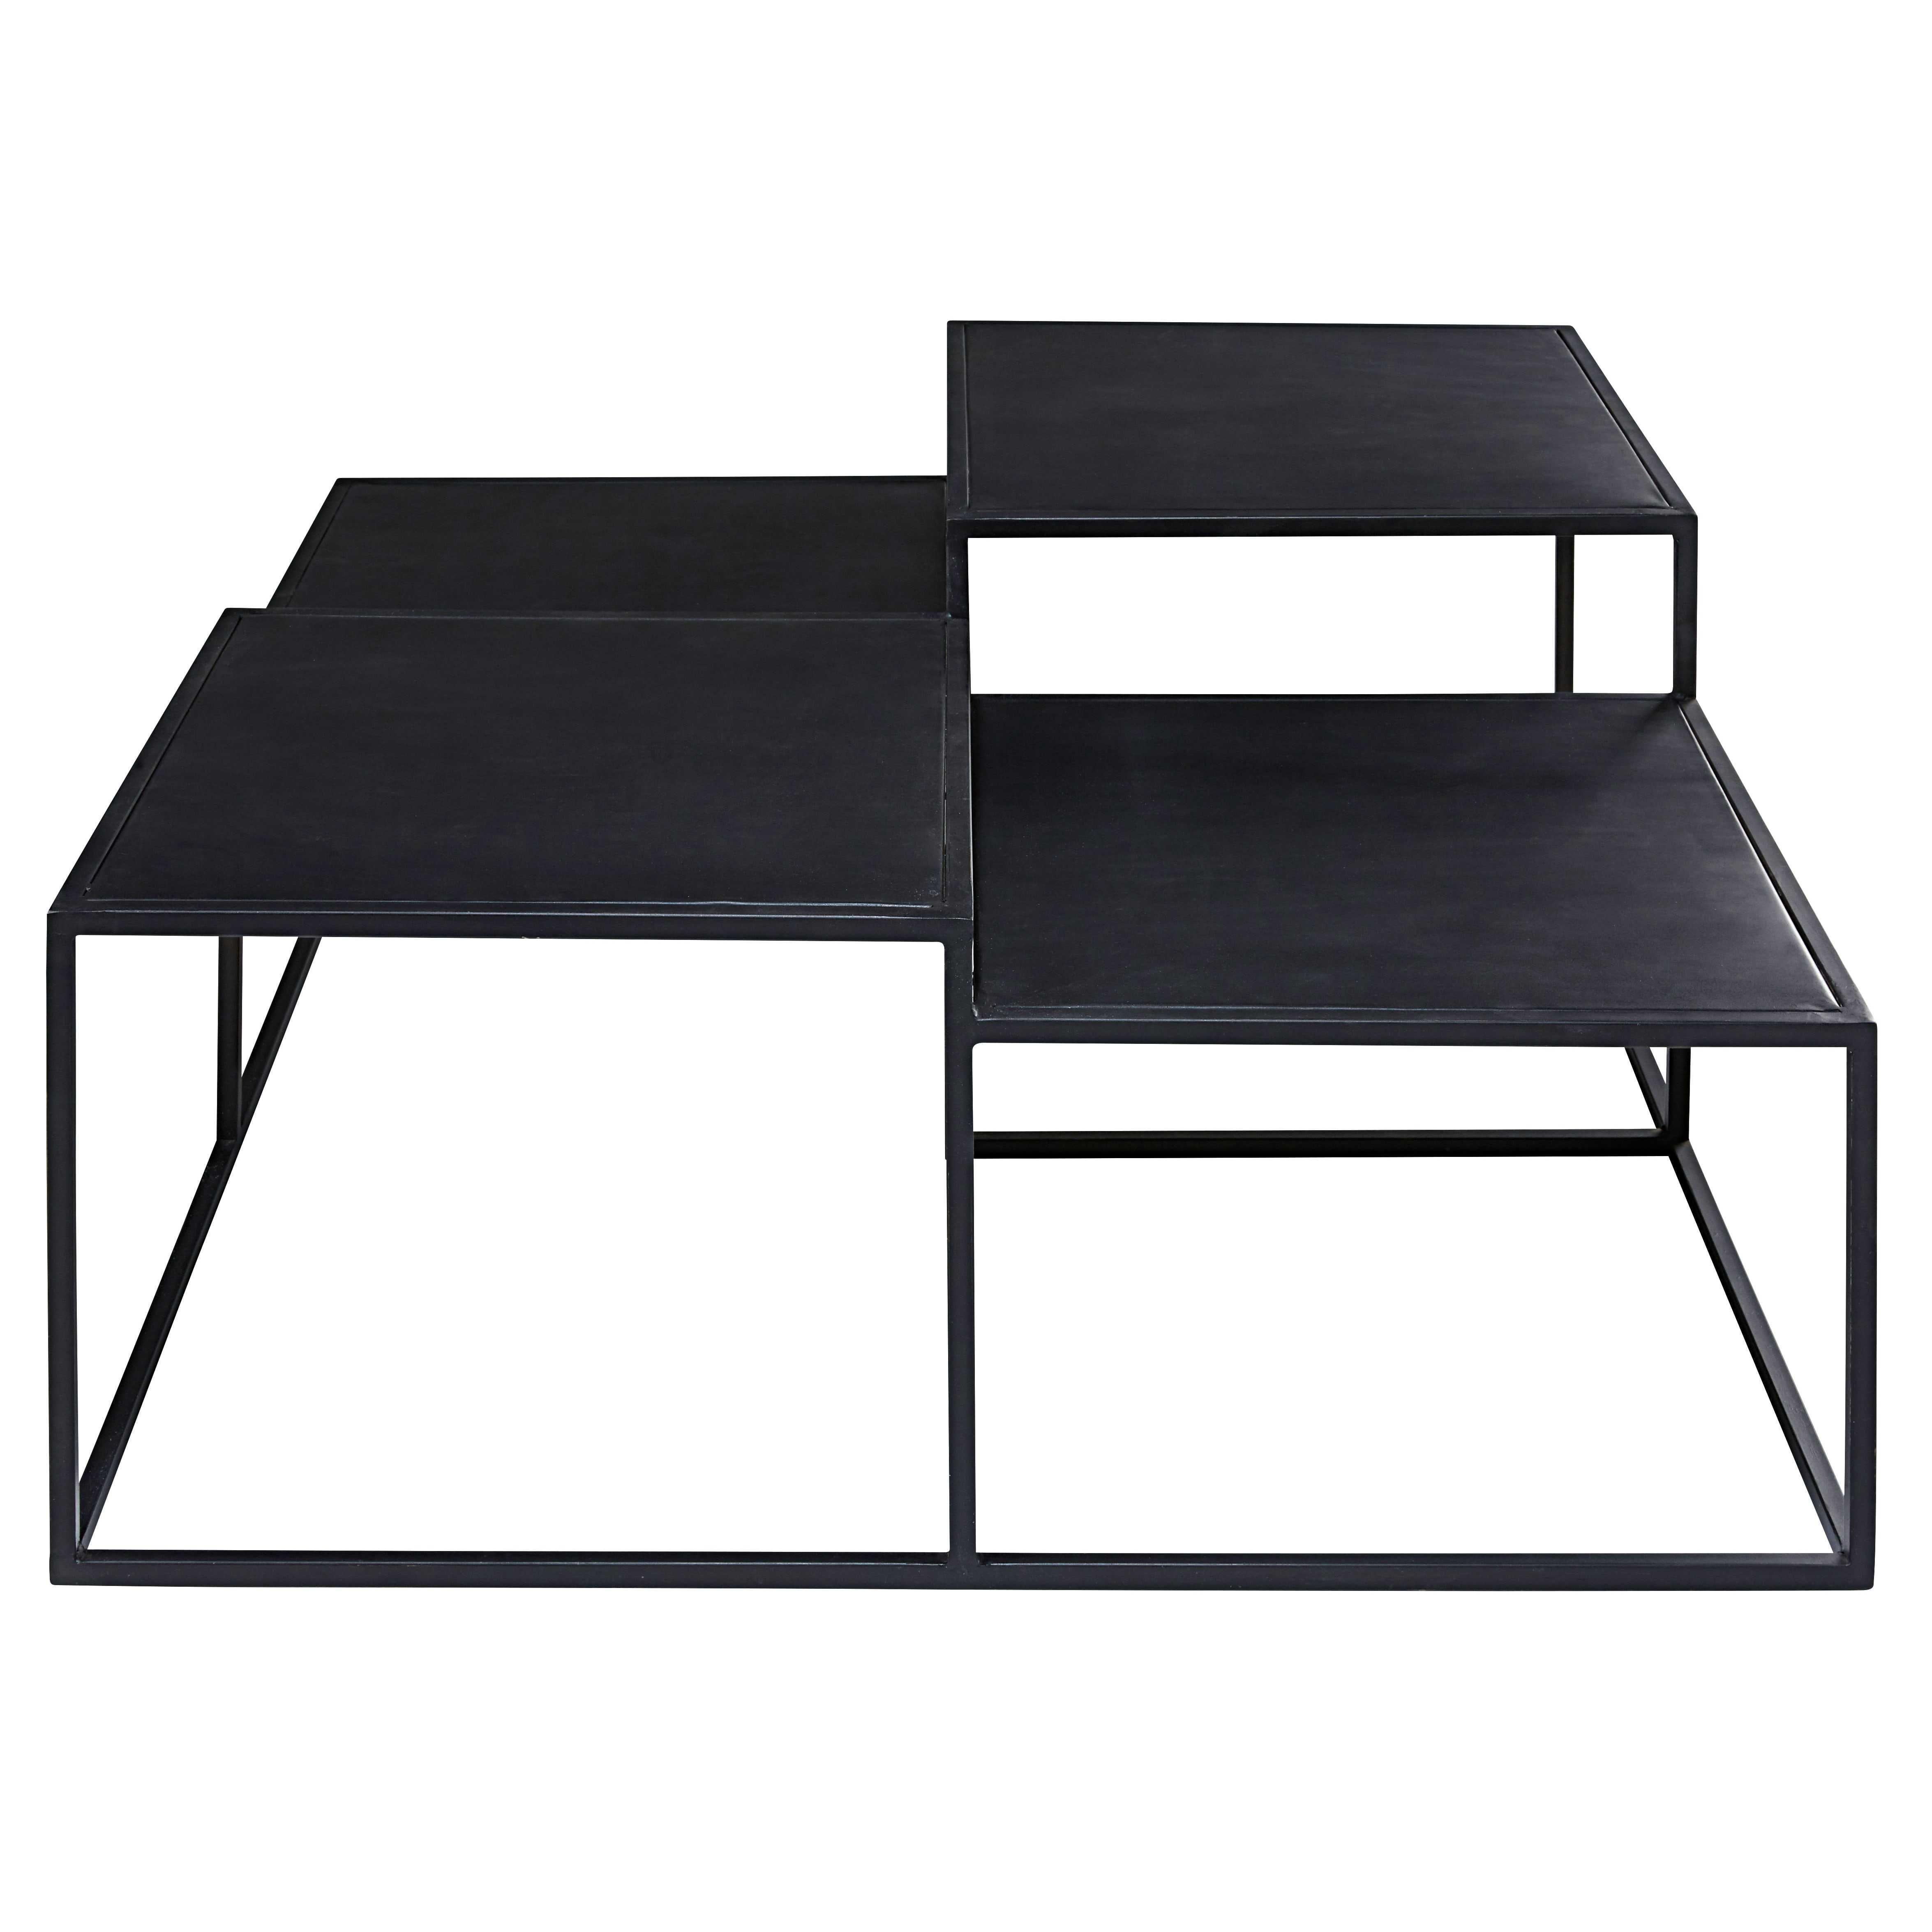 c218b36b8a30638f338b847c71a7e4a8 Impressionnant De Ikea Table Relevable Des Idées